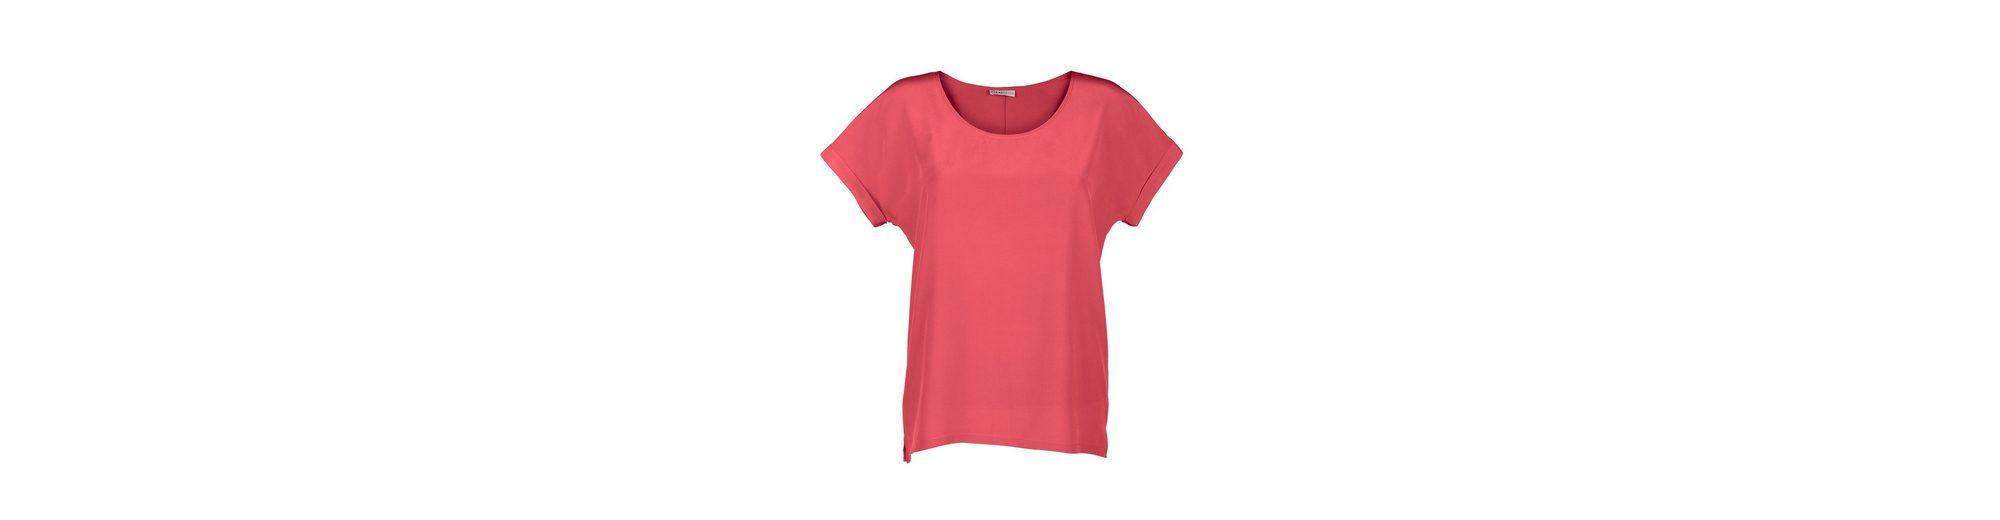 reiner Blusenshirt Moda Seide Alba Alba aus Blusenshirt aus Moda nFXqE0x4